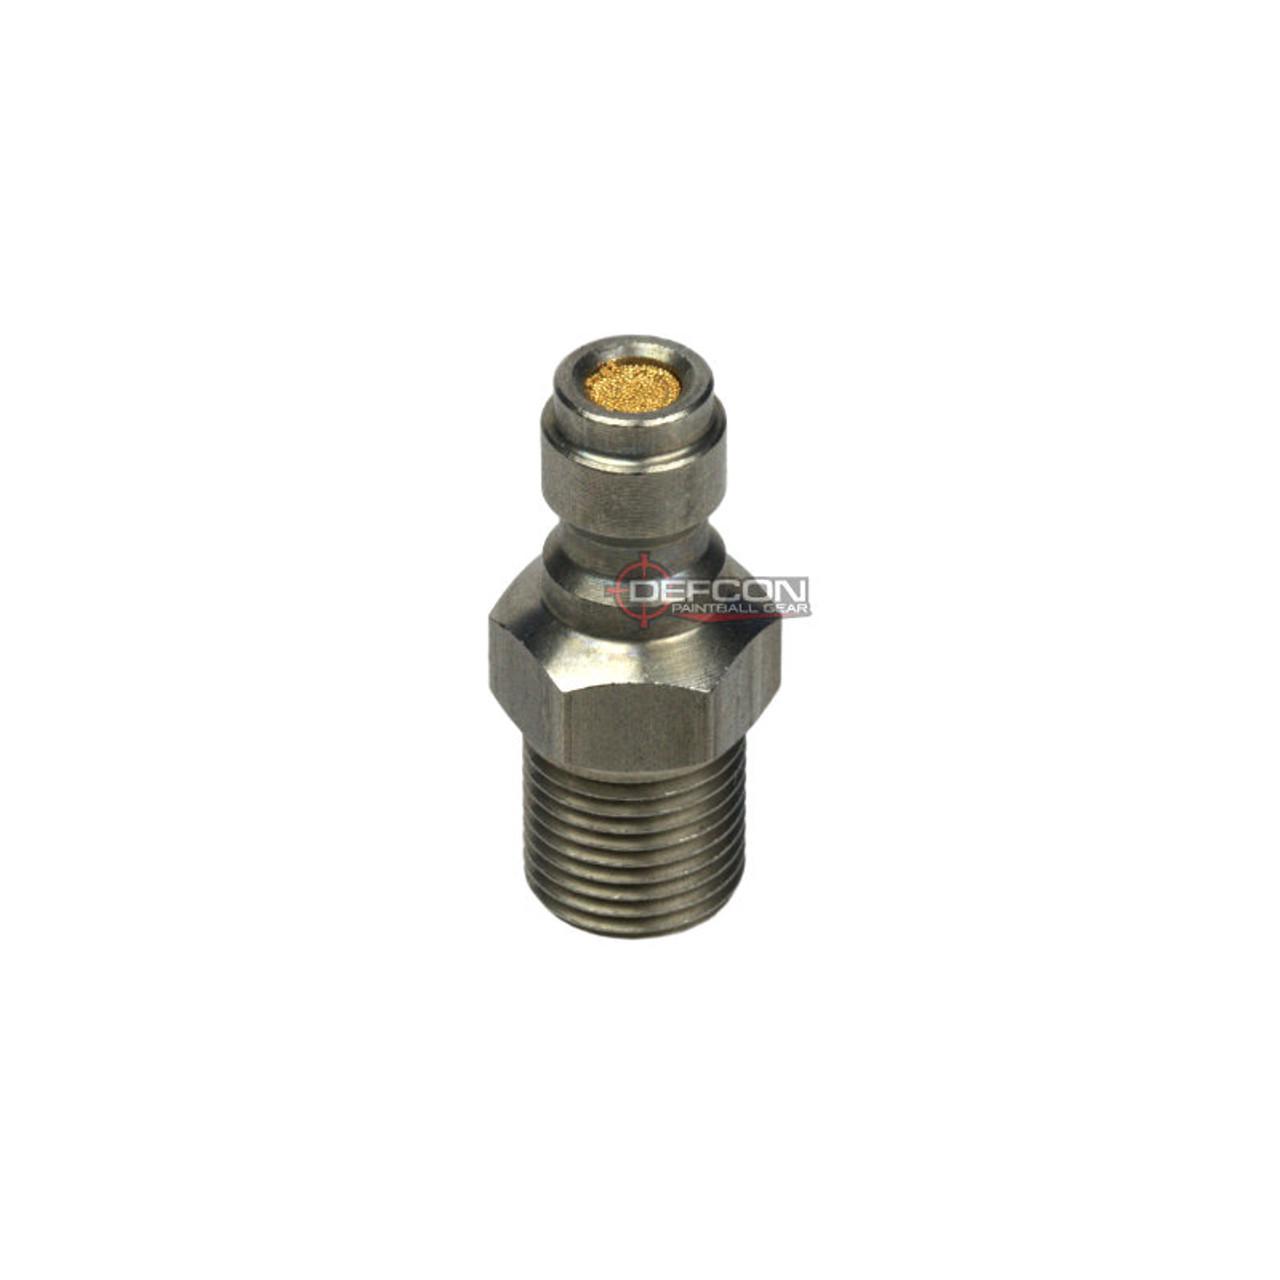 Magfed Gear Fill Nipple W/ Brass Filter - 1/8 NPT Thread